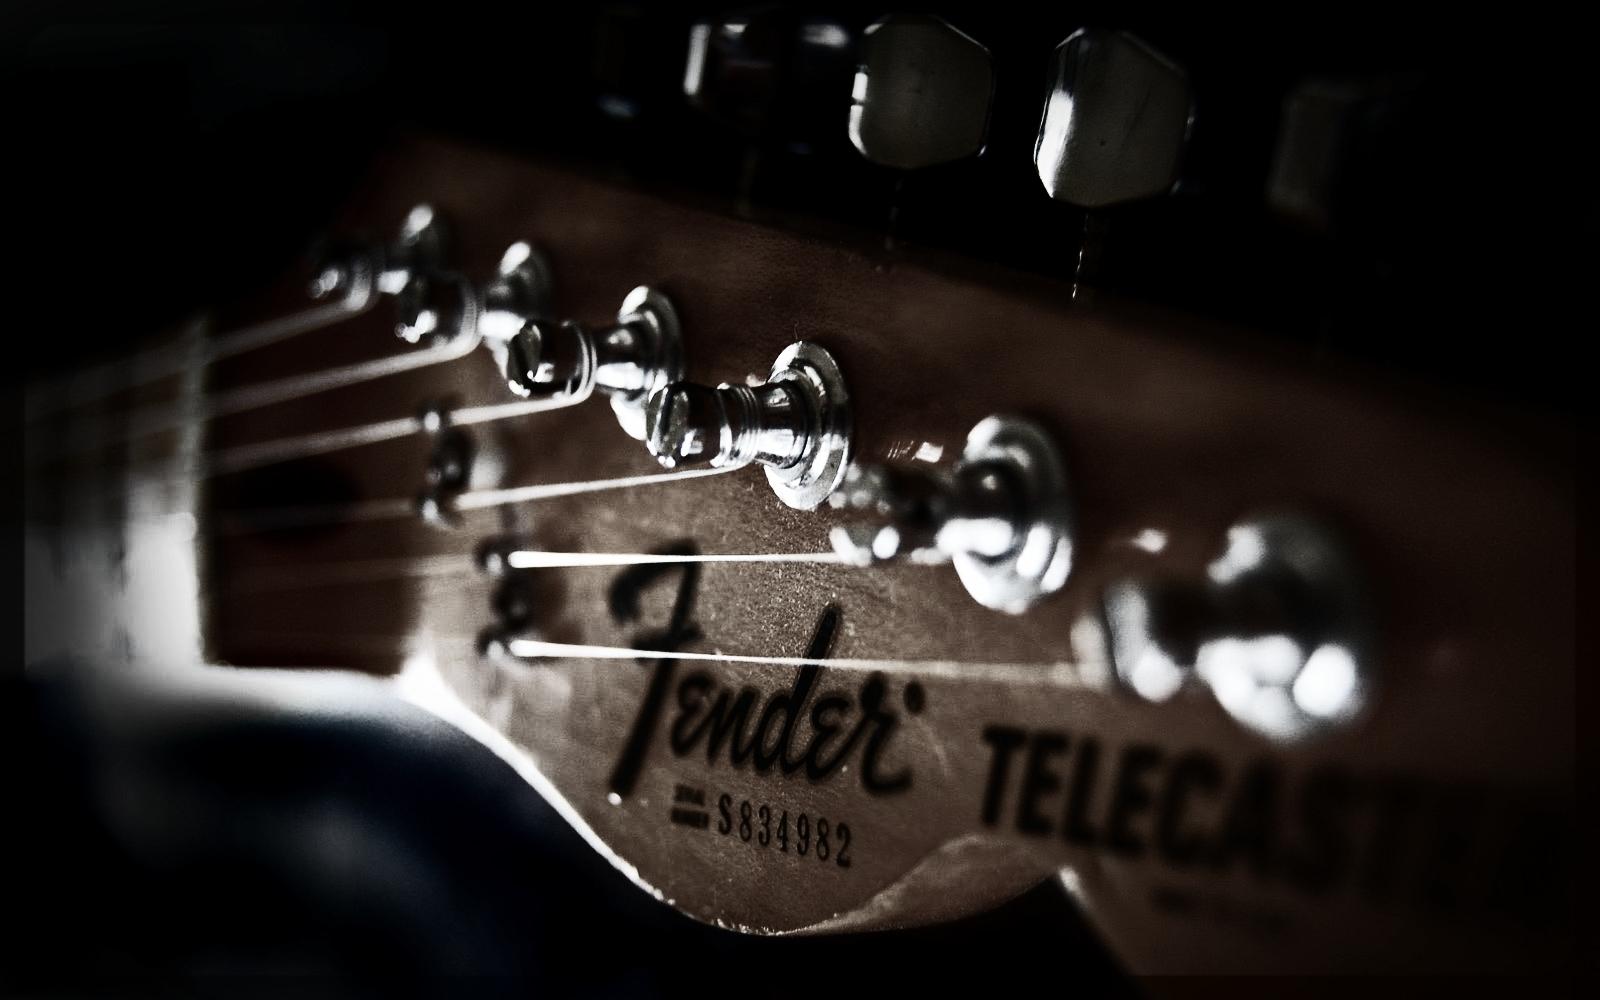 Fender Telecaster Head Headstock.jpg